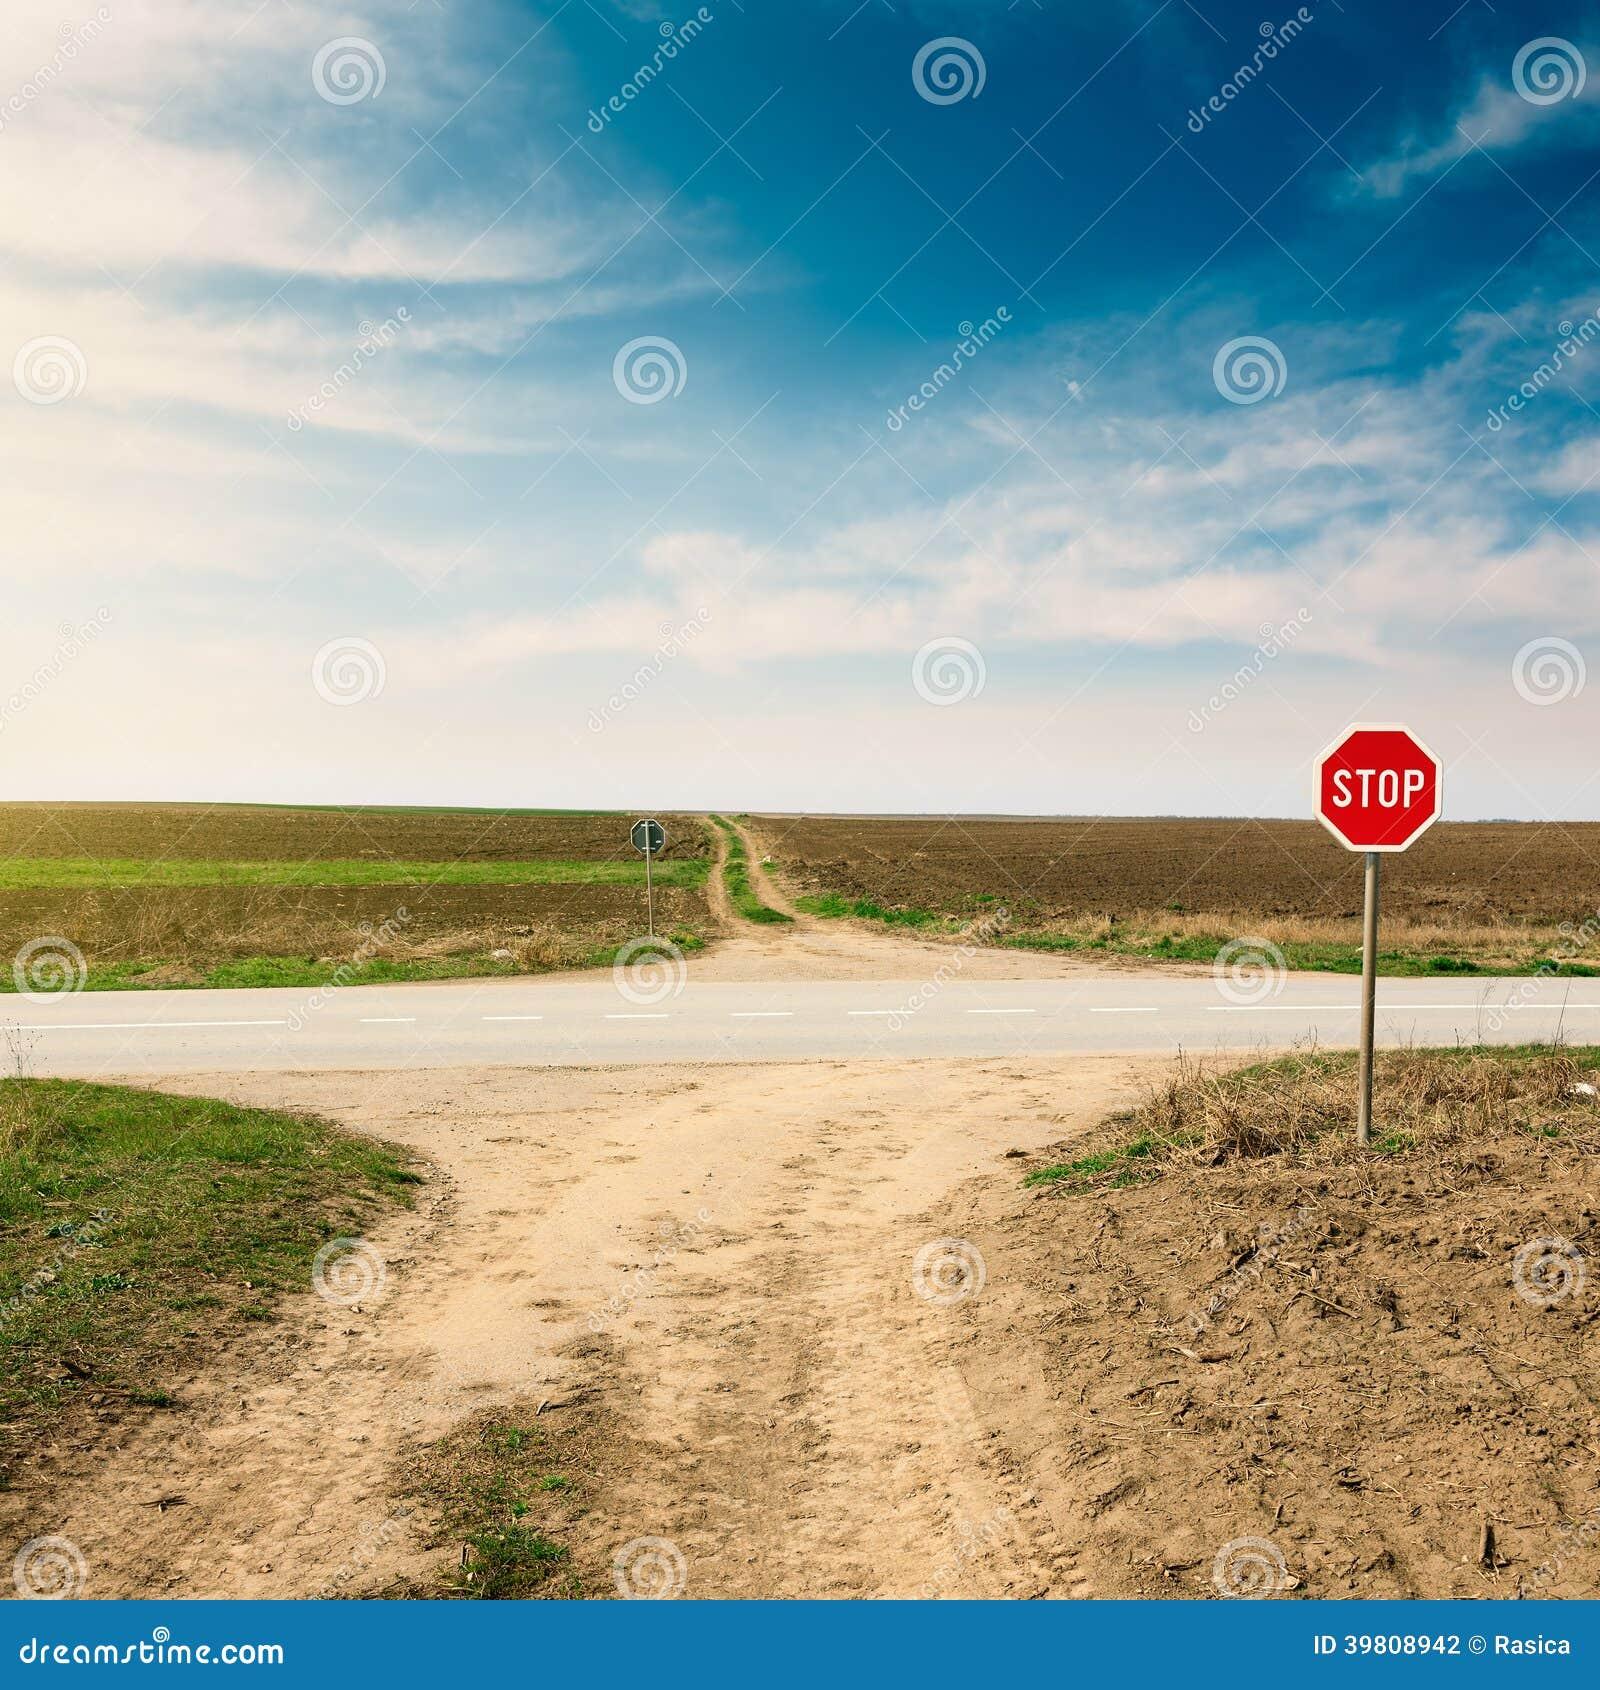 carrefour avec le panneau d 39 avertissement pour la route prioritaire photo stock image 39808942. Black Bedroom Furniture Sets. Home Design Ideas